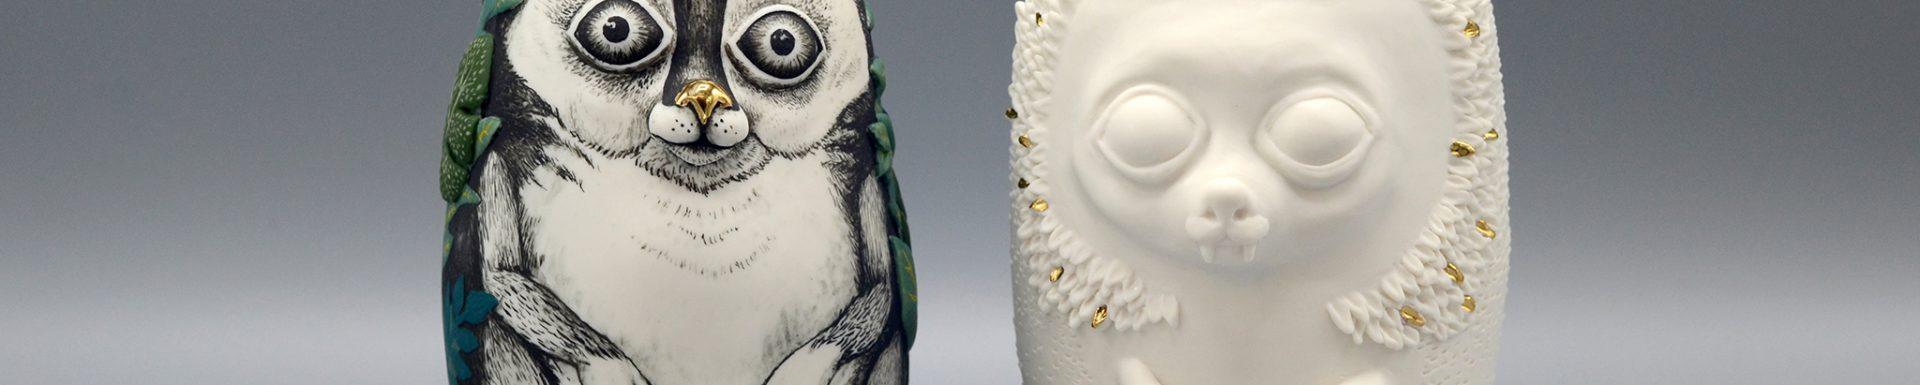 CASSEL Aster - Lémur Pavidis & Ericius Aurea - © CRENOW Design